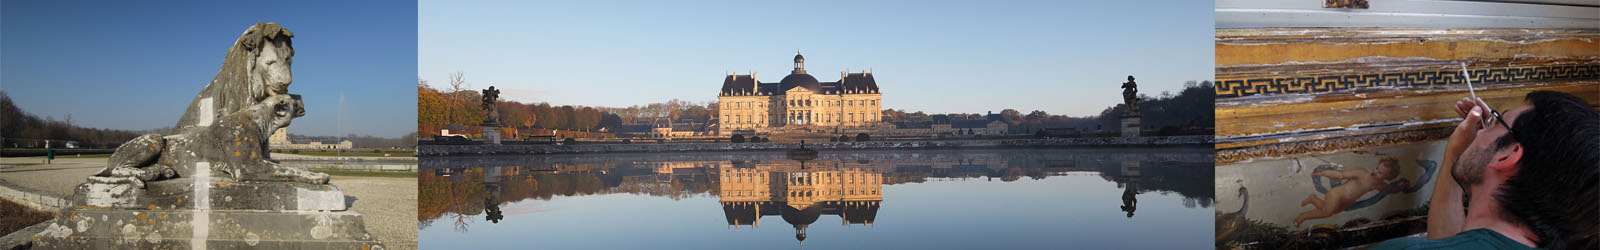 Ferme d'Orsonville - Vaux Le Viconte